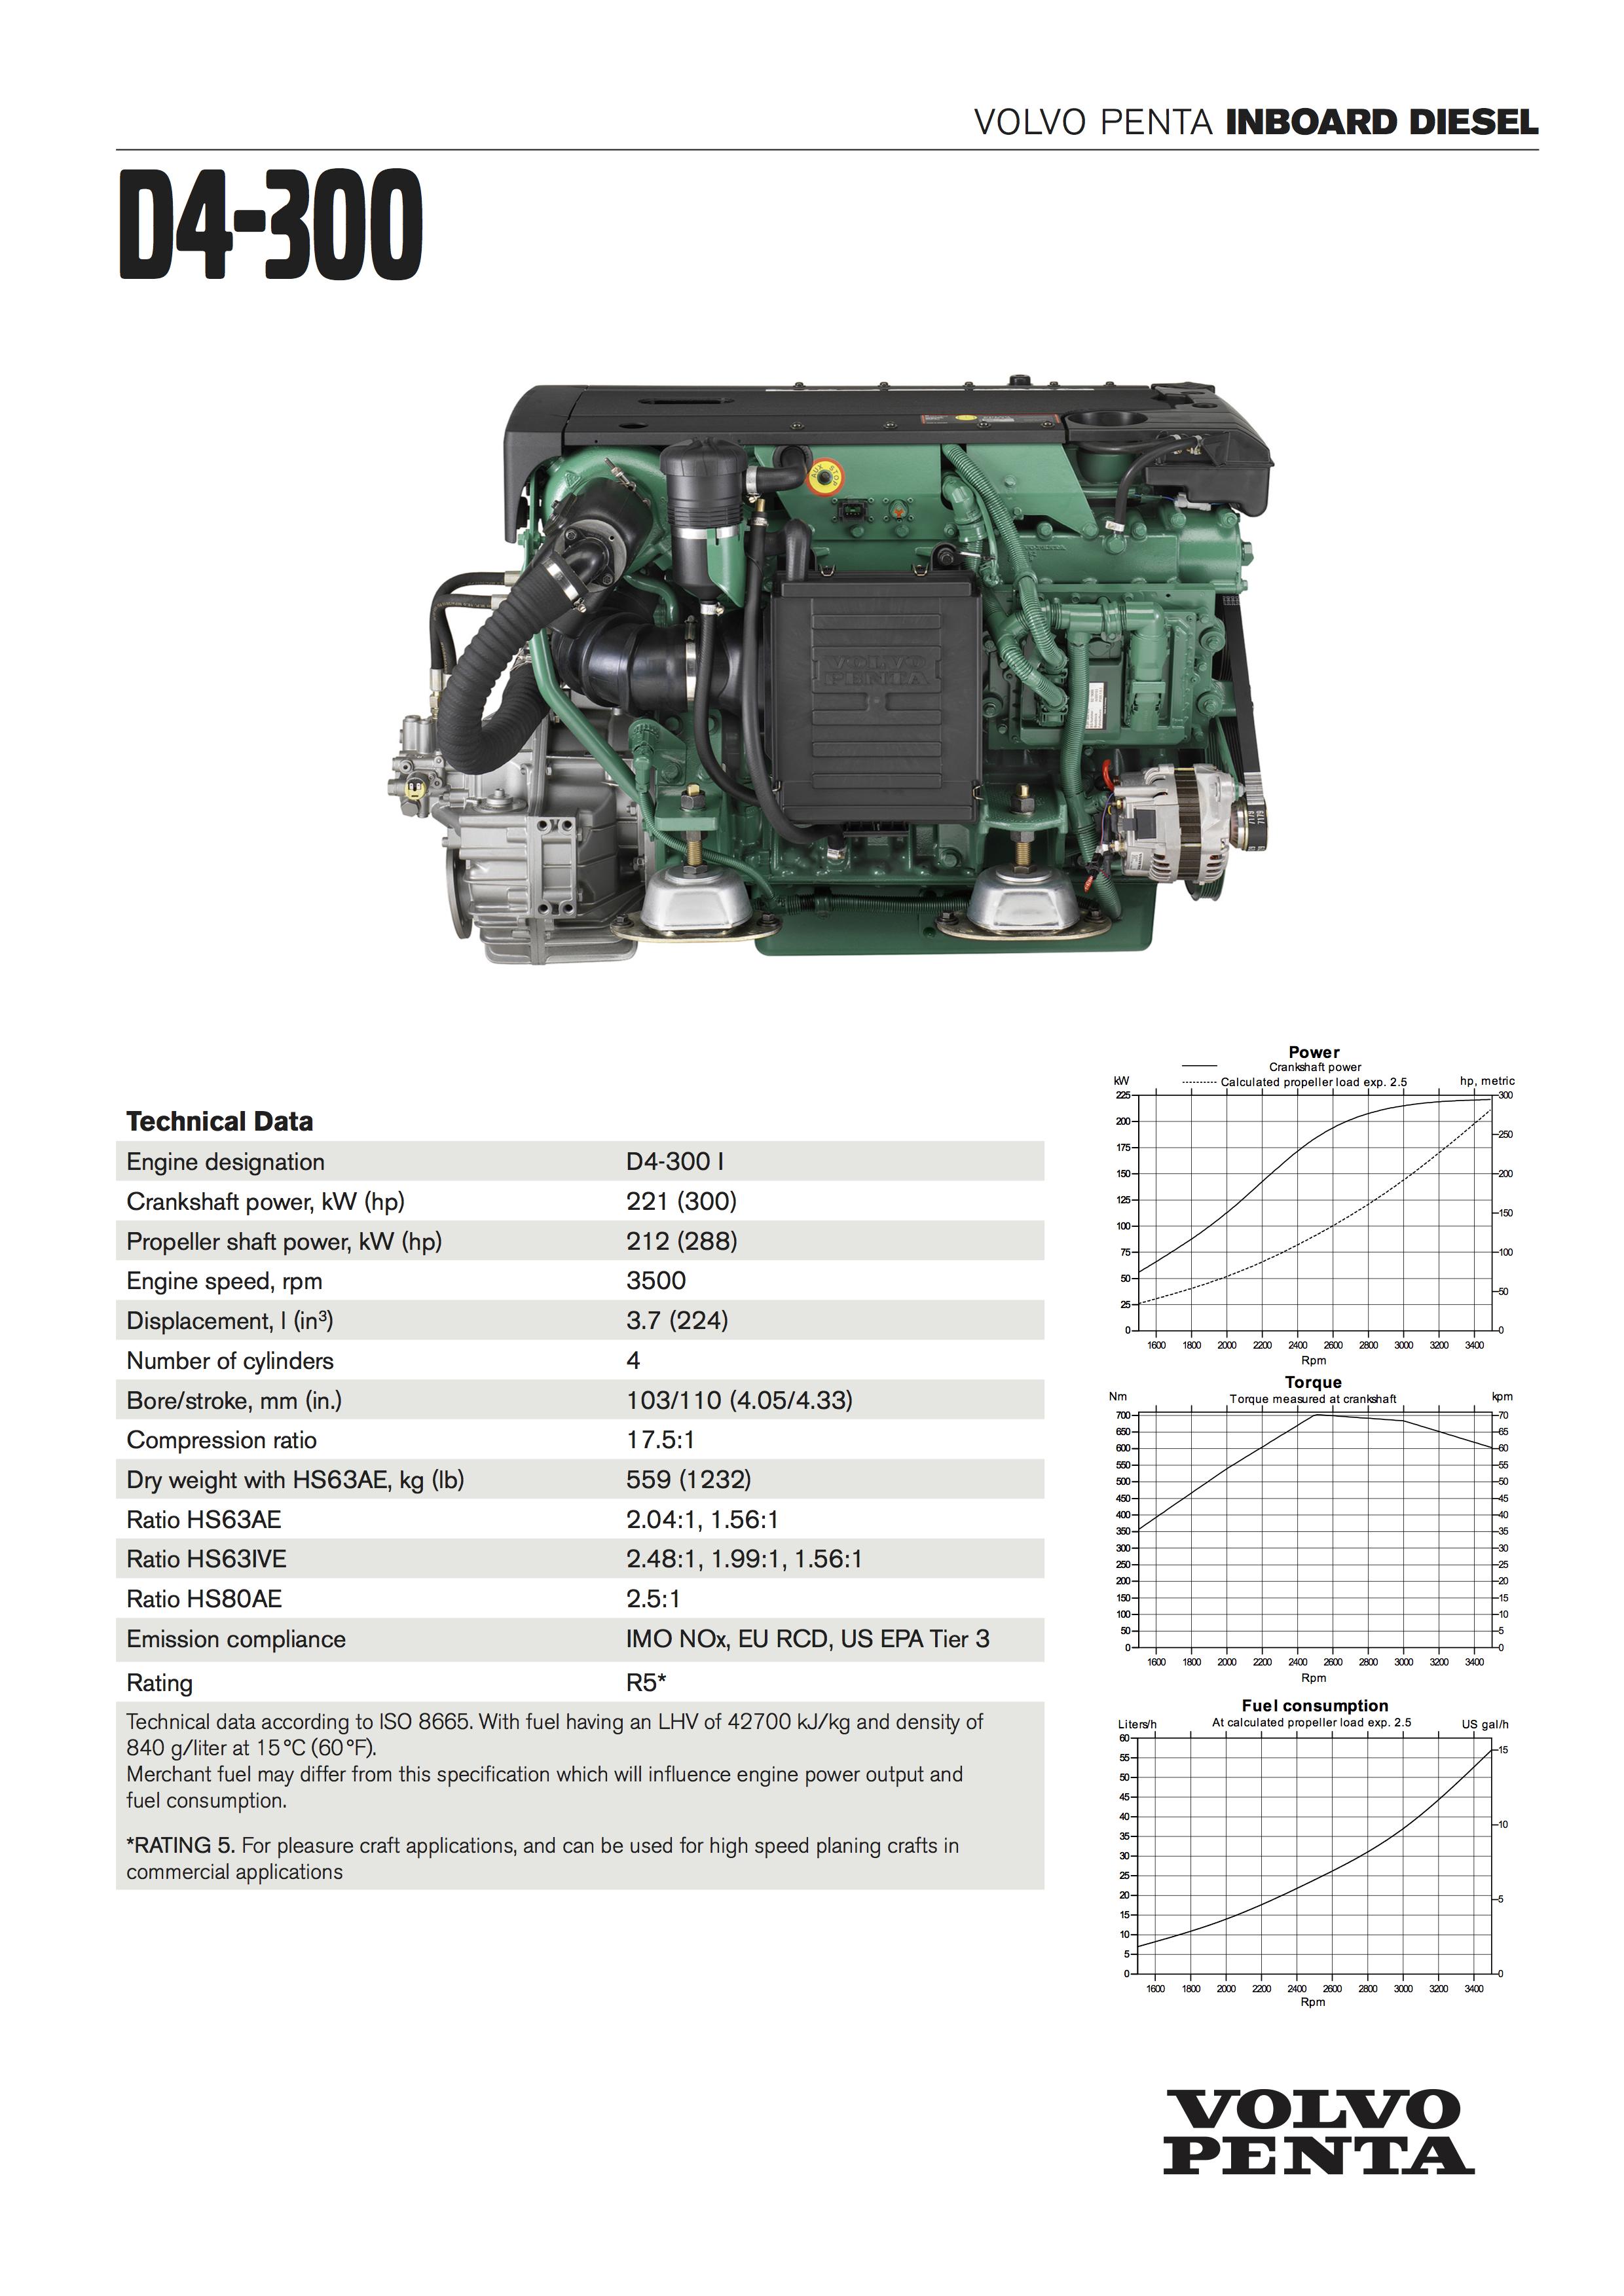 Volvo Penta D4 300 Targa 32 Hsbo Boat Engine Diagram Volvopenta 2